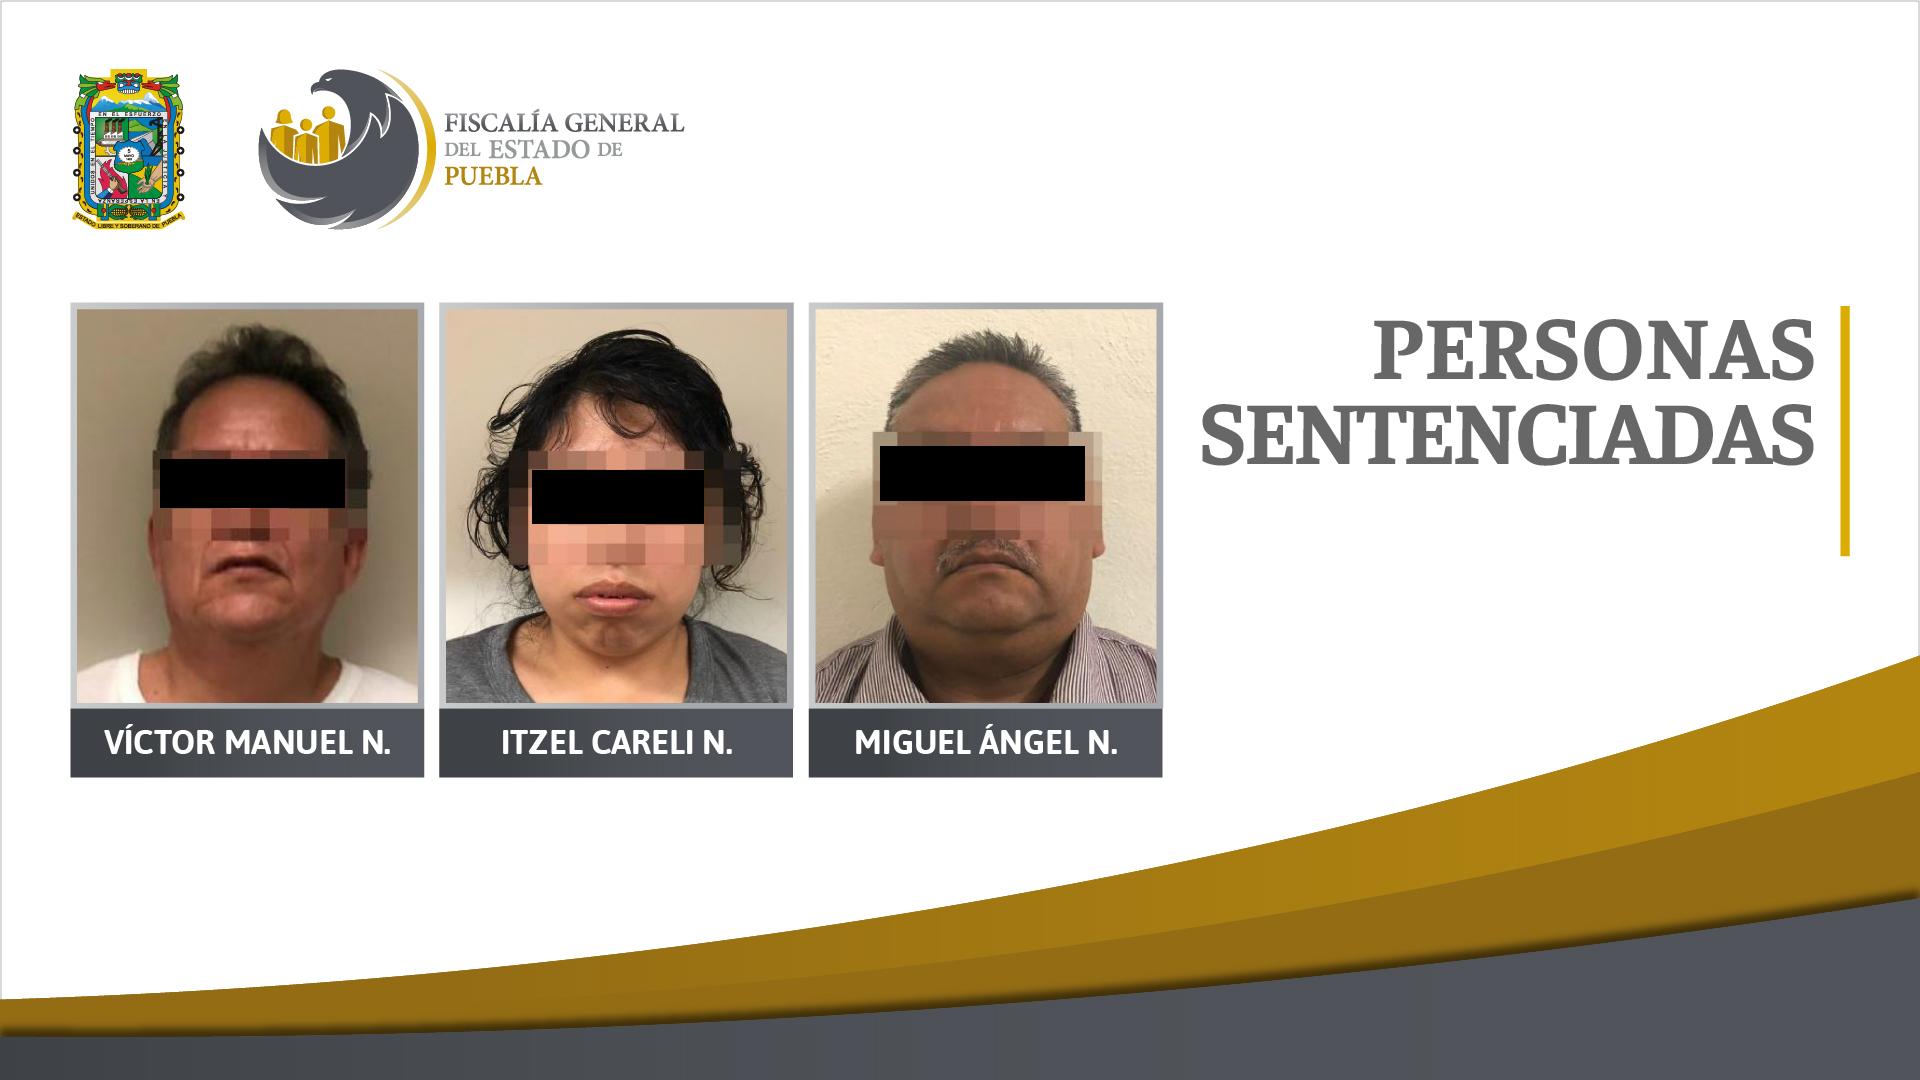 Les dan solo 4 años de prisión por prostituir a mujeres en Puebla